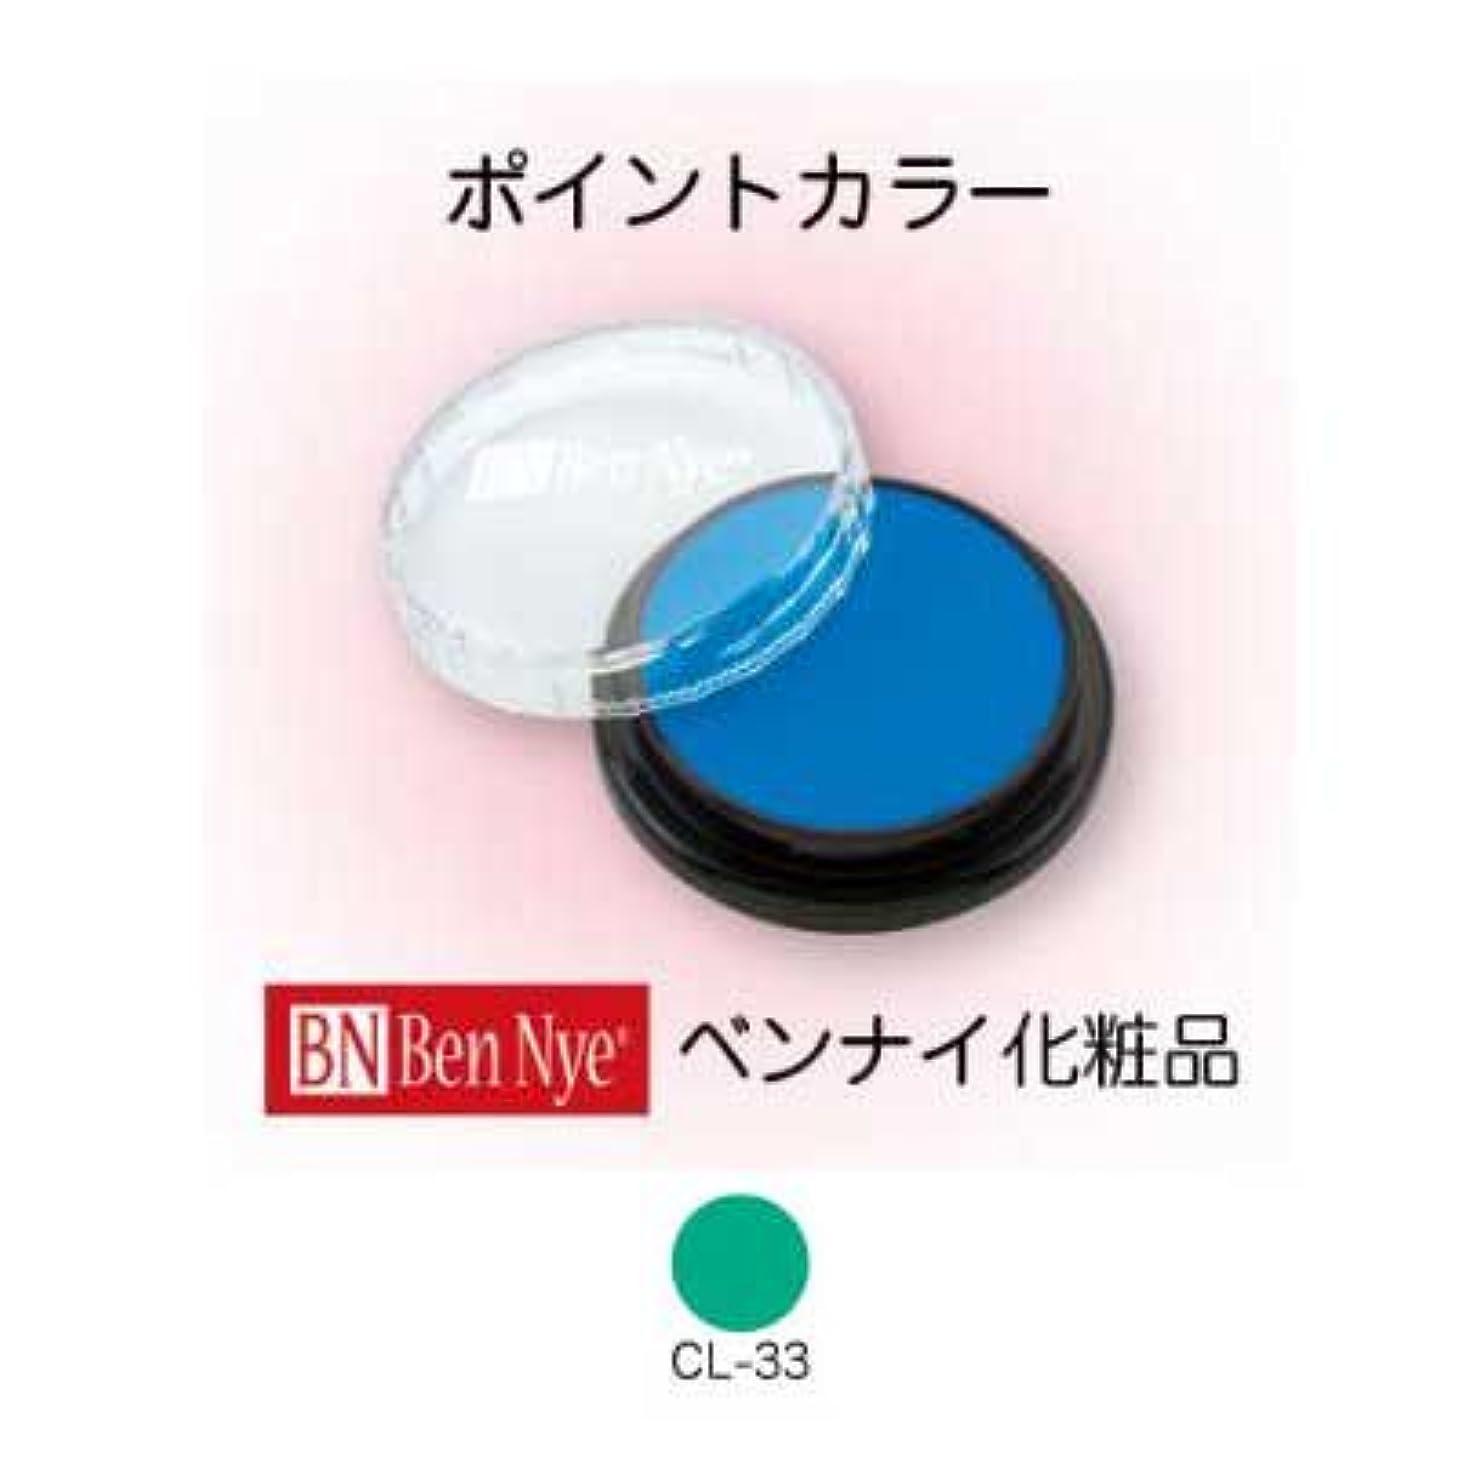 クリームカラー CL-33【ベンナイ化粧品】